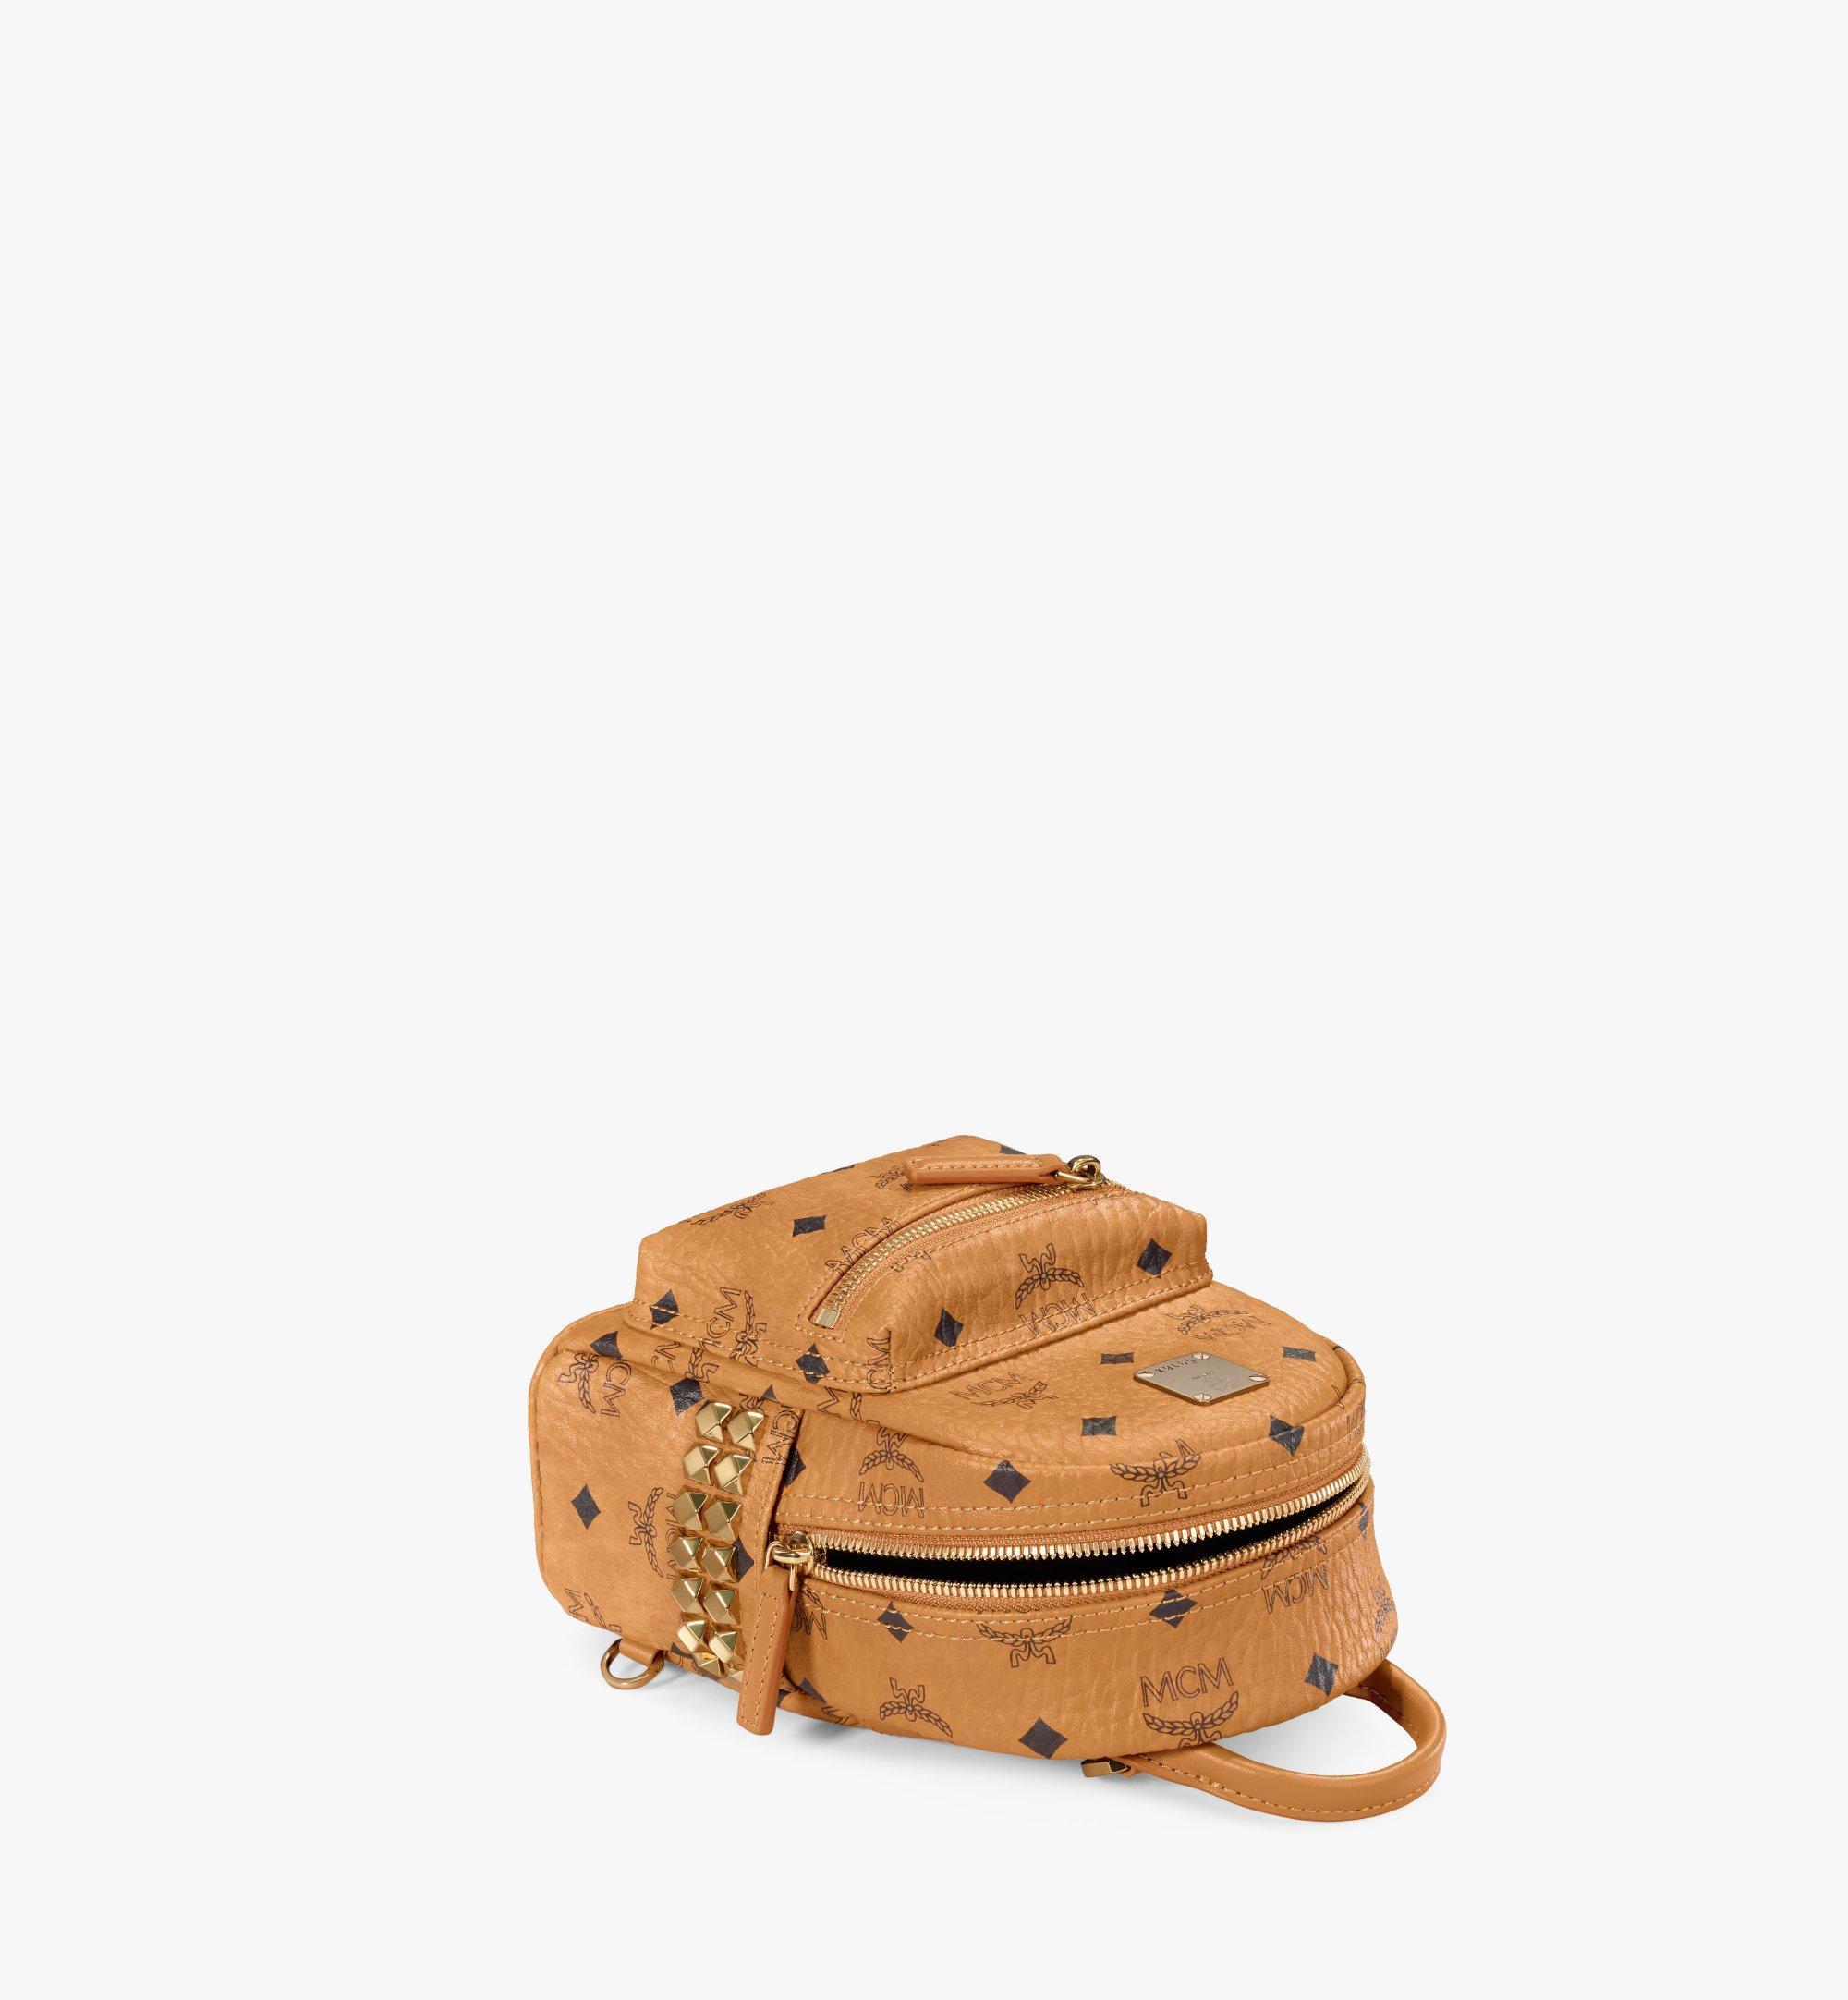 MCM Stark Side Studs Bebe Boo Backpack in Visetos Cognac MMK6SVE92CO001 Alternate View 3